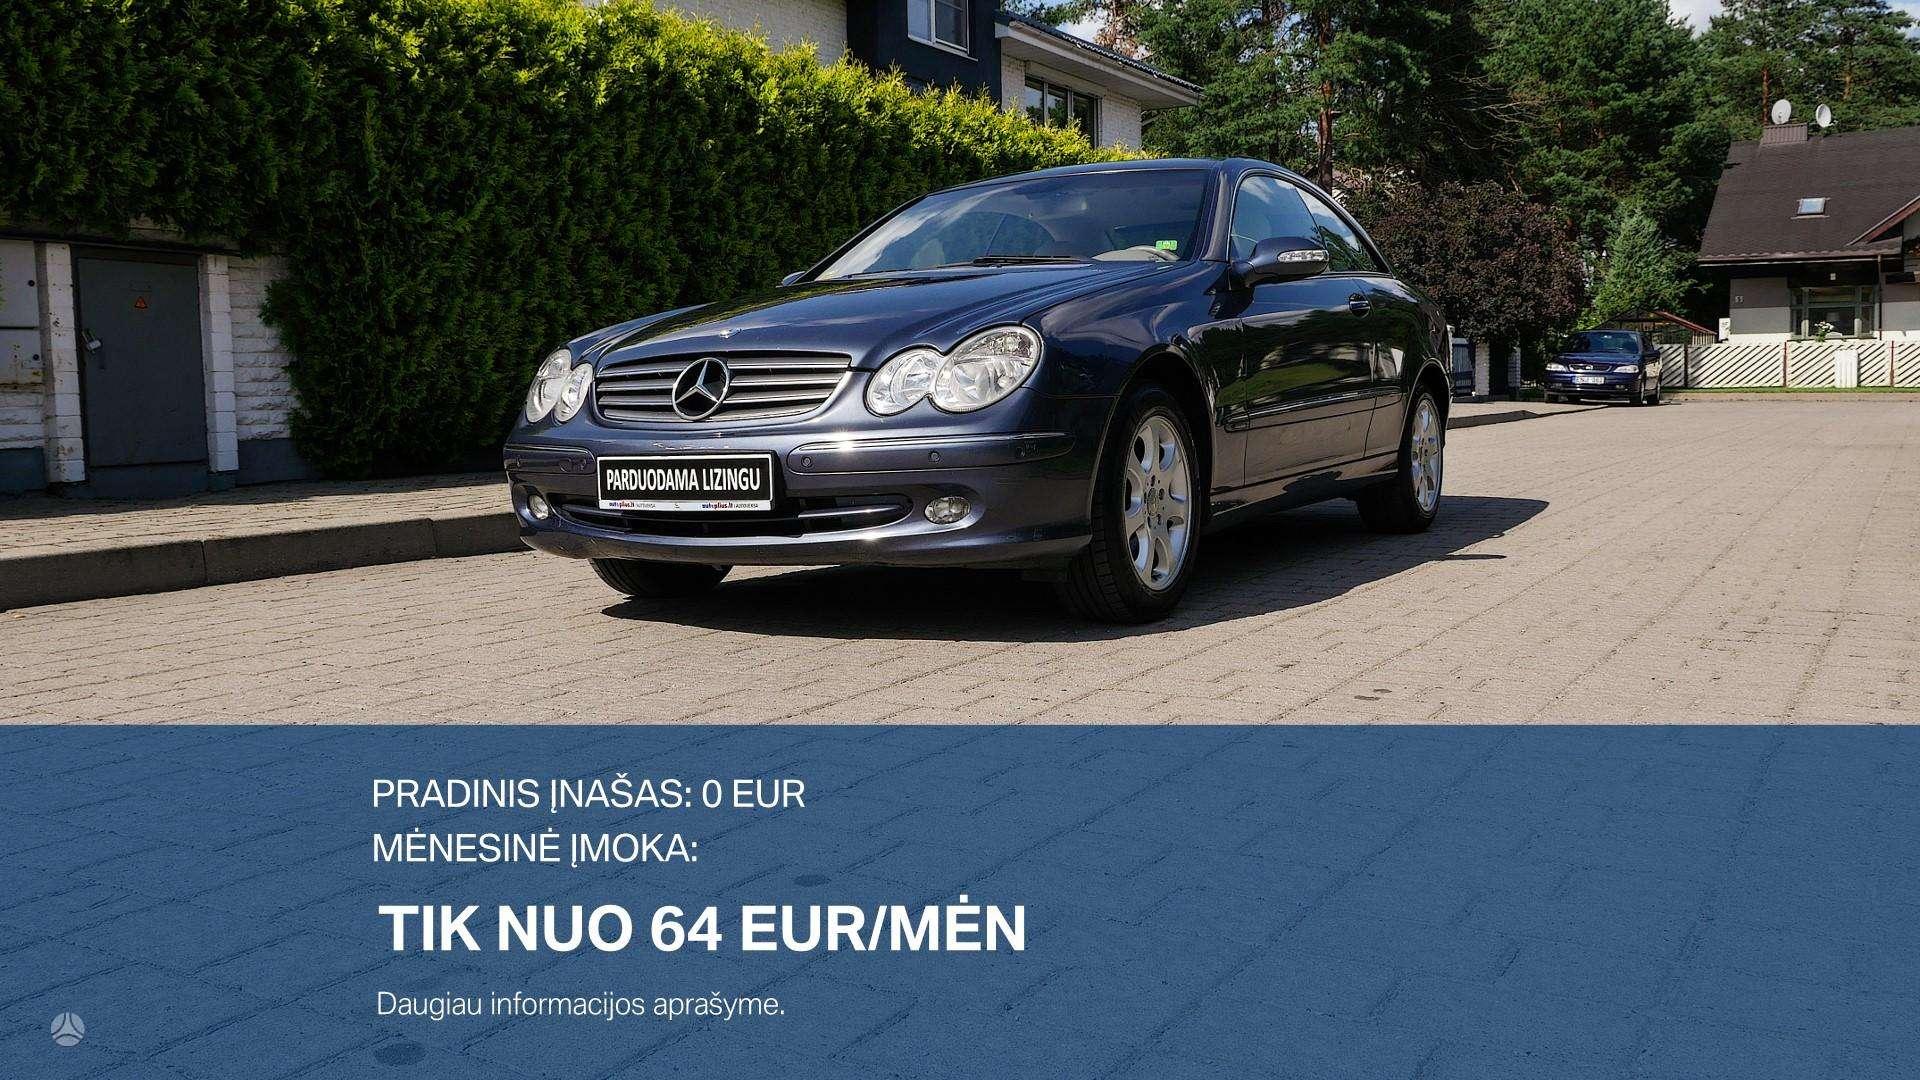 Mercedes-Benz CLK270 išsimokėtinai nuo 64Eur/Mėn su 3 mėnesių garantija